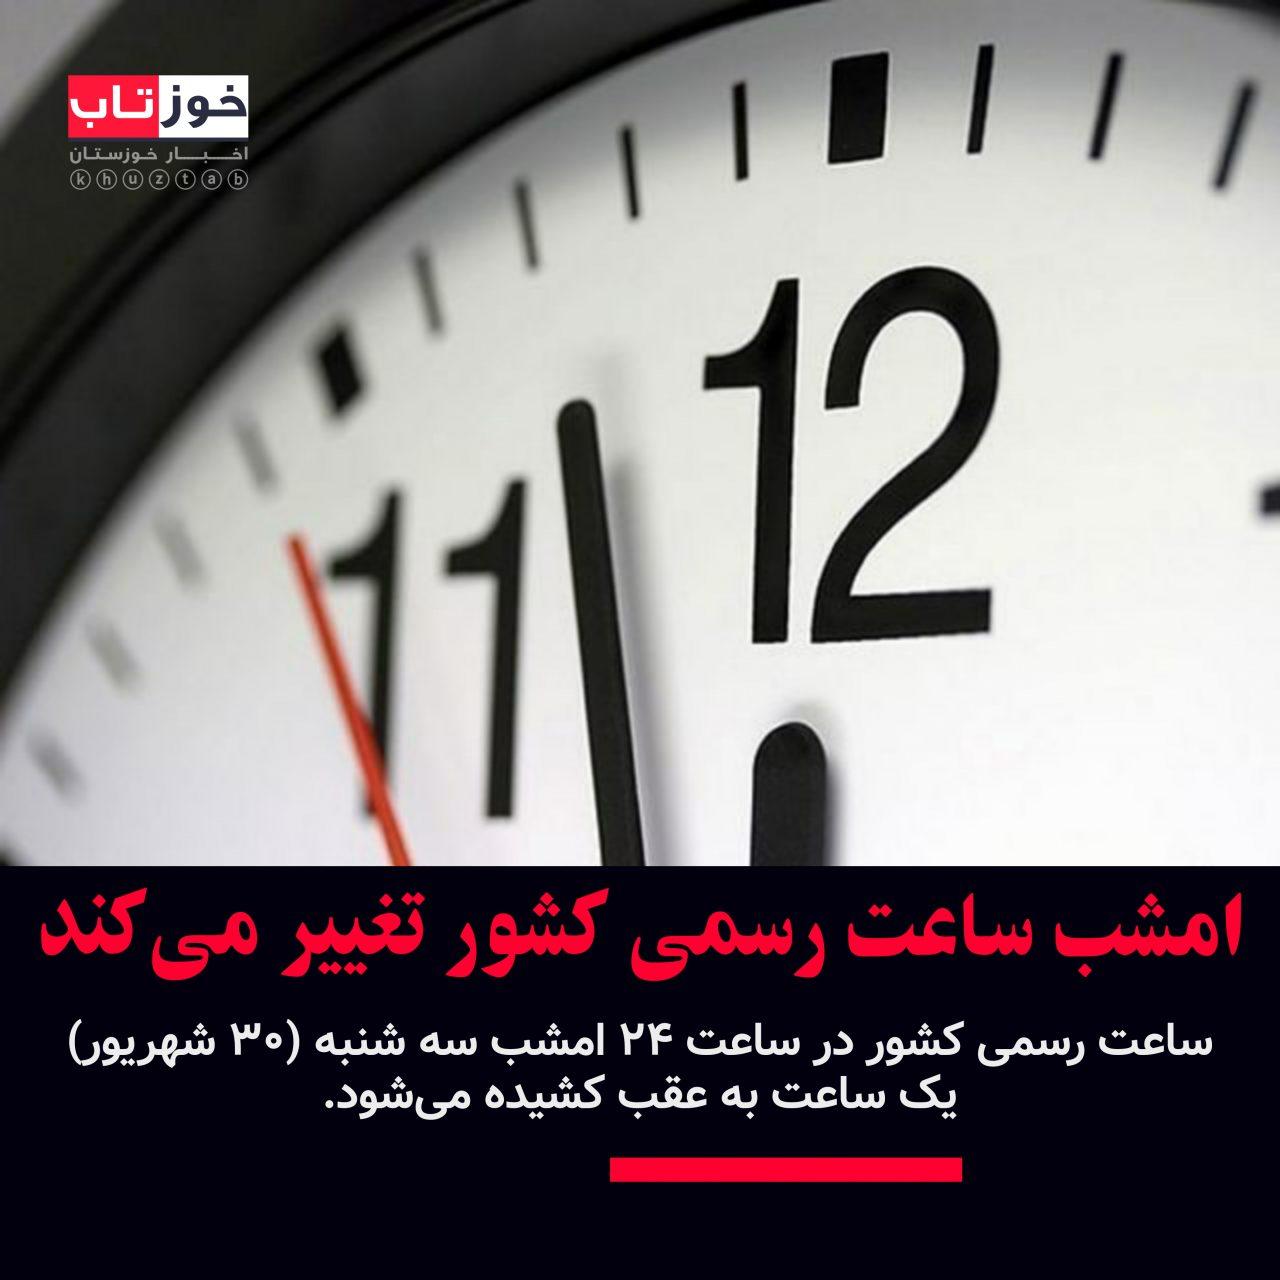 PicsArt 09 21 09.57.34 1280x1280 تاریخچه تغییر ساعت رسمی کشورها